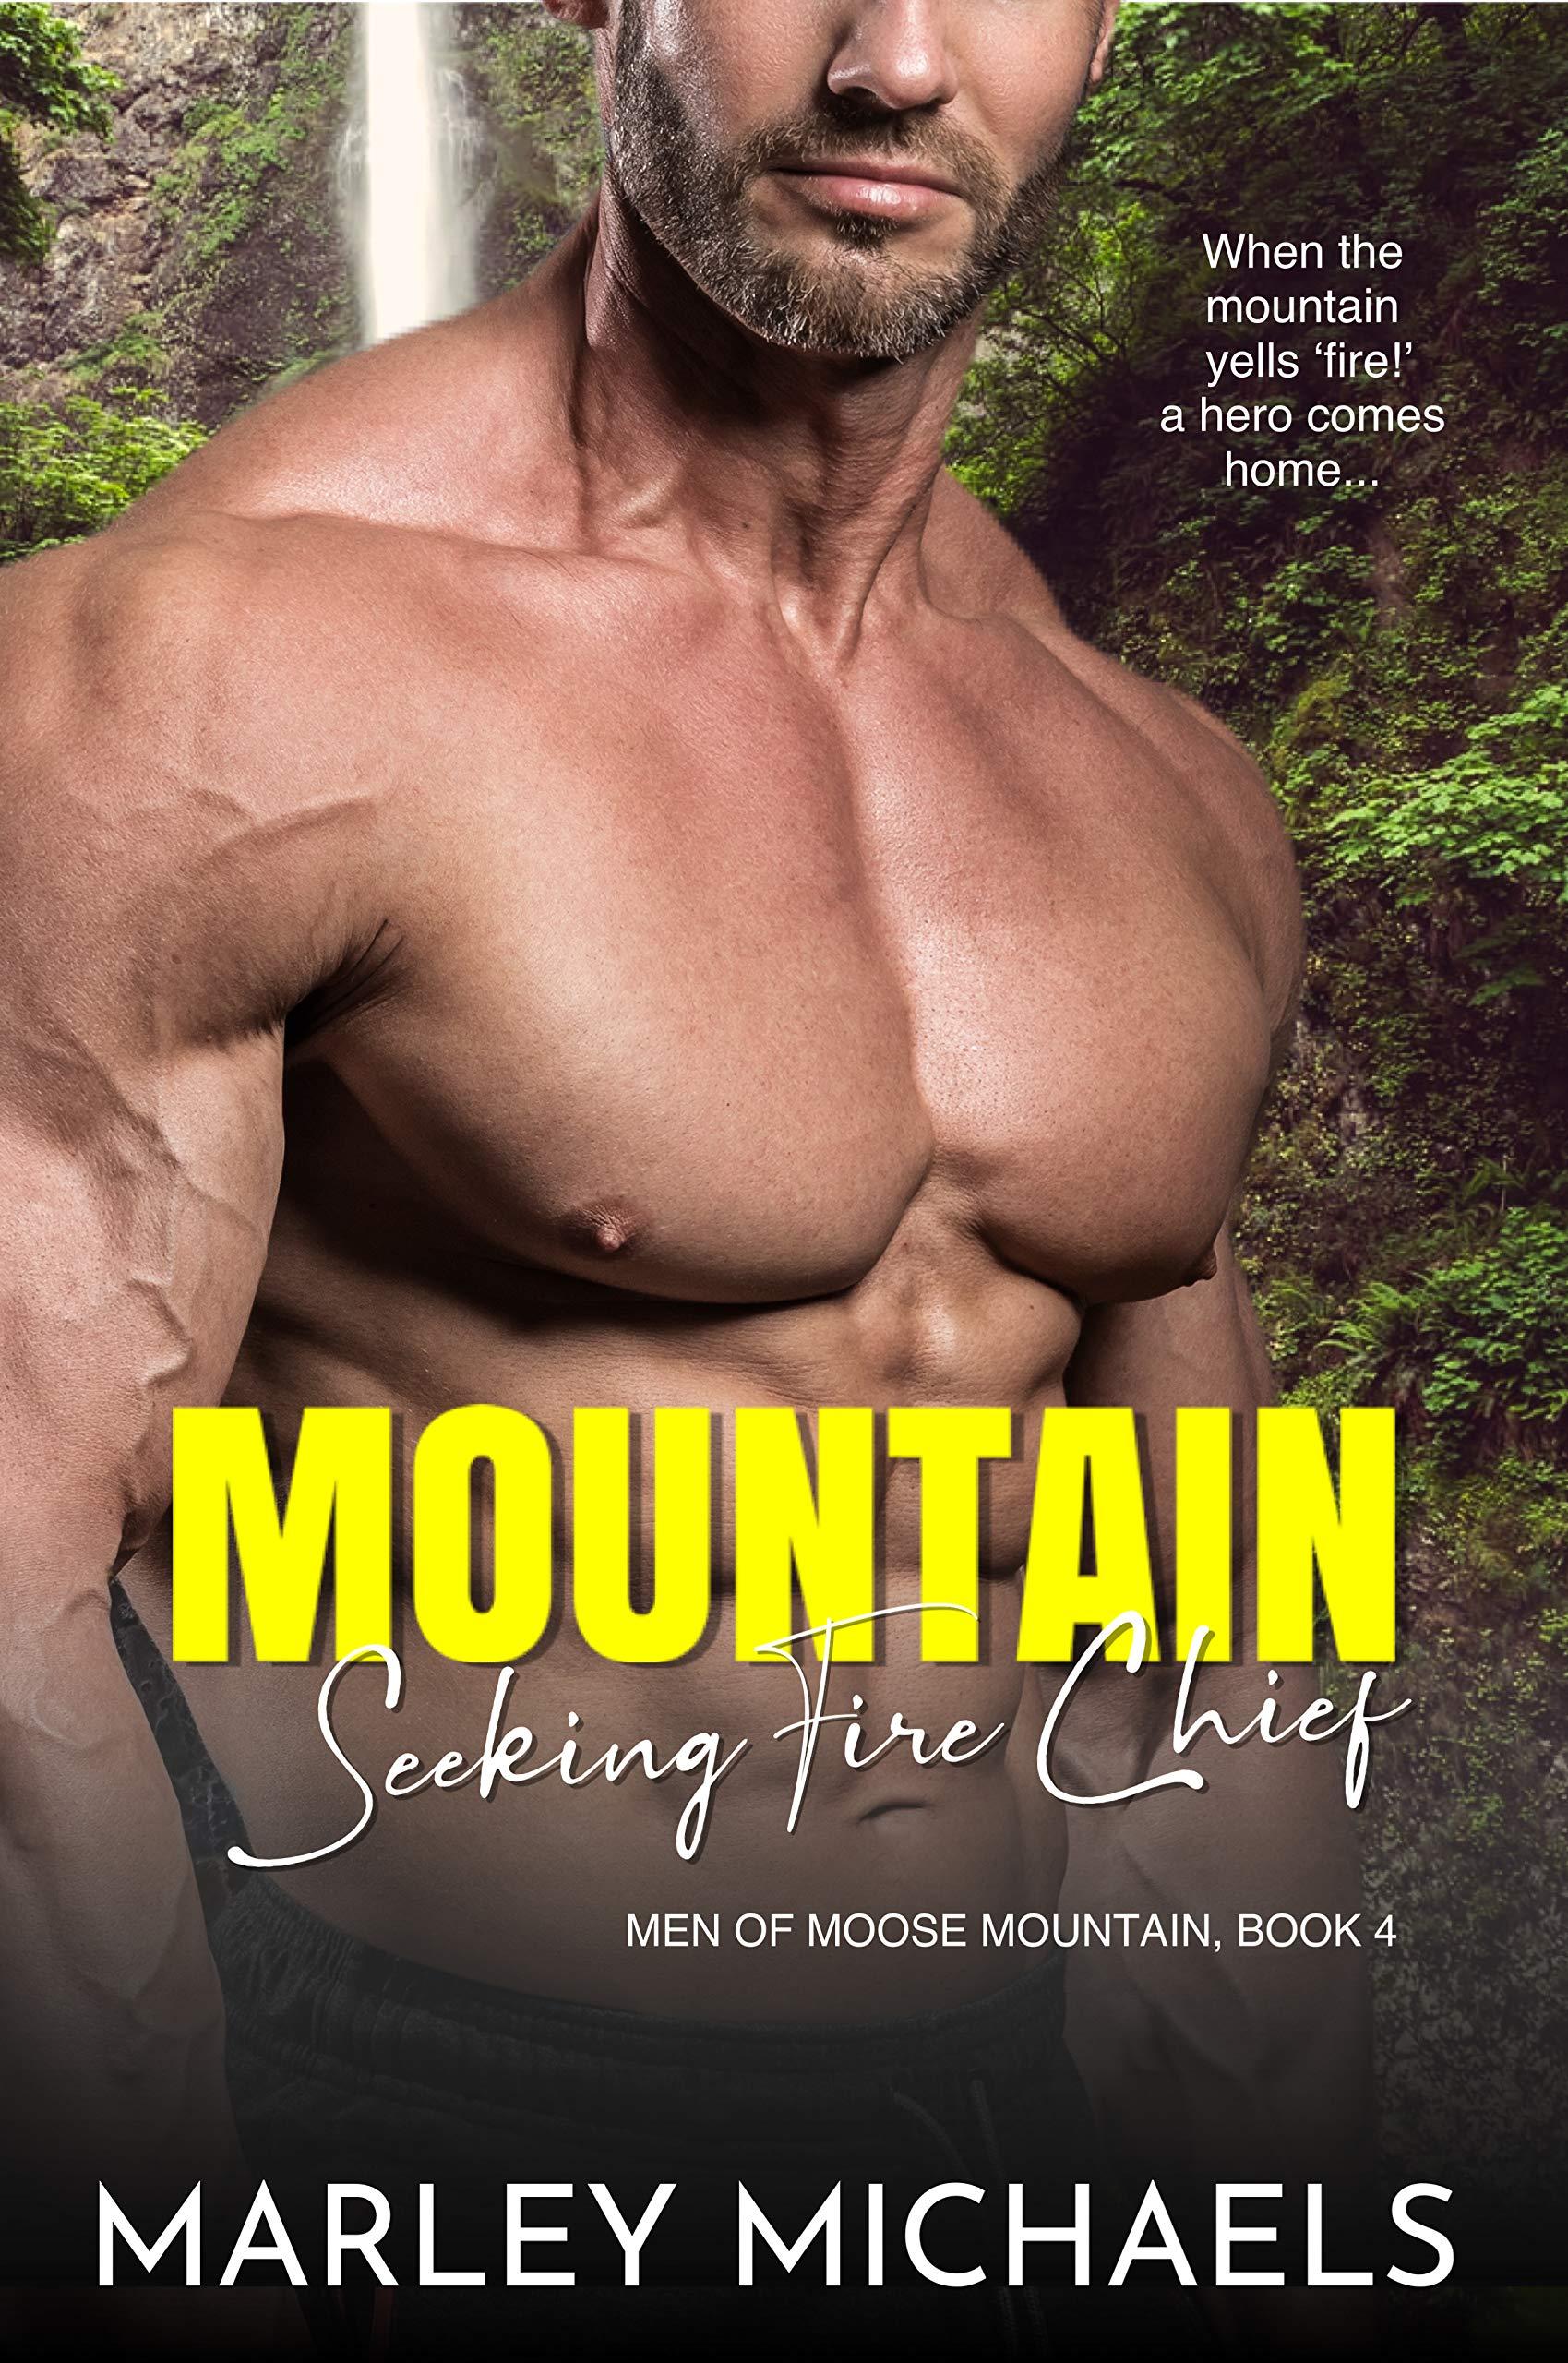 Mountain Seeking Fire Chief (Men of Moose Mountain Book 4)